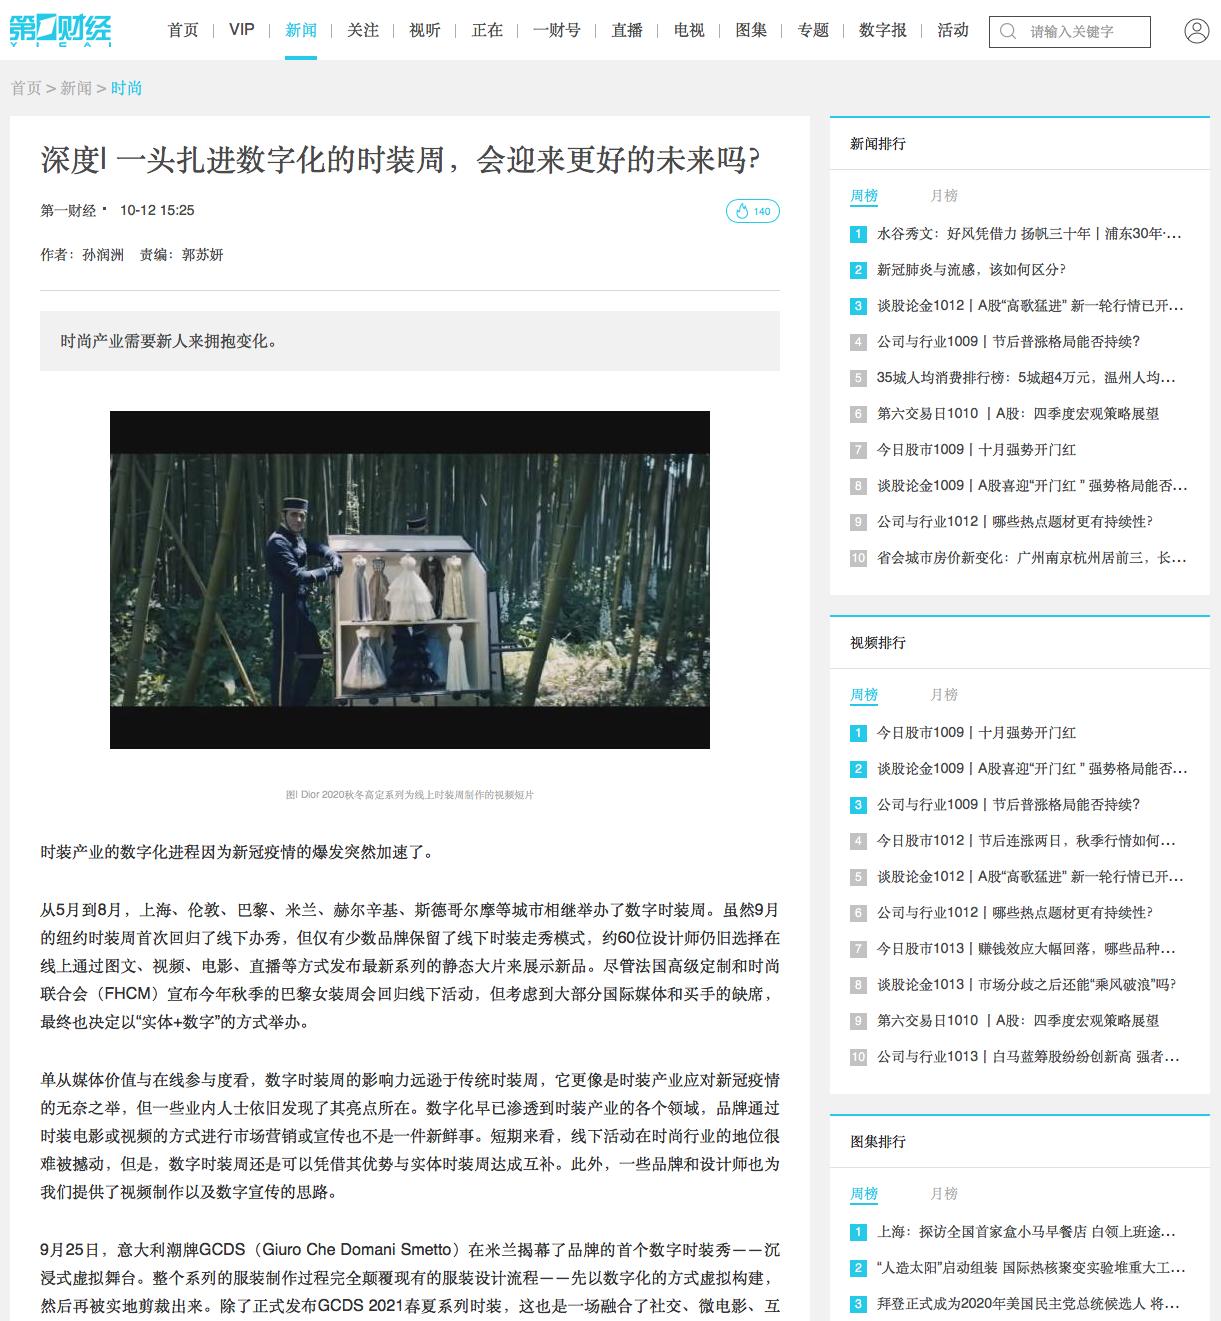 yicai.com